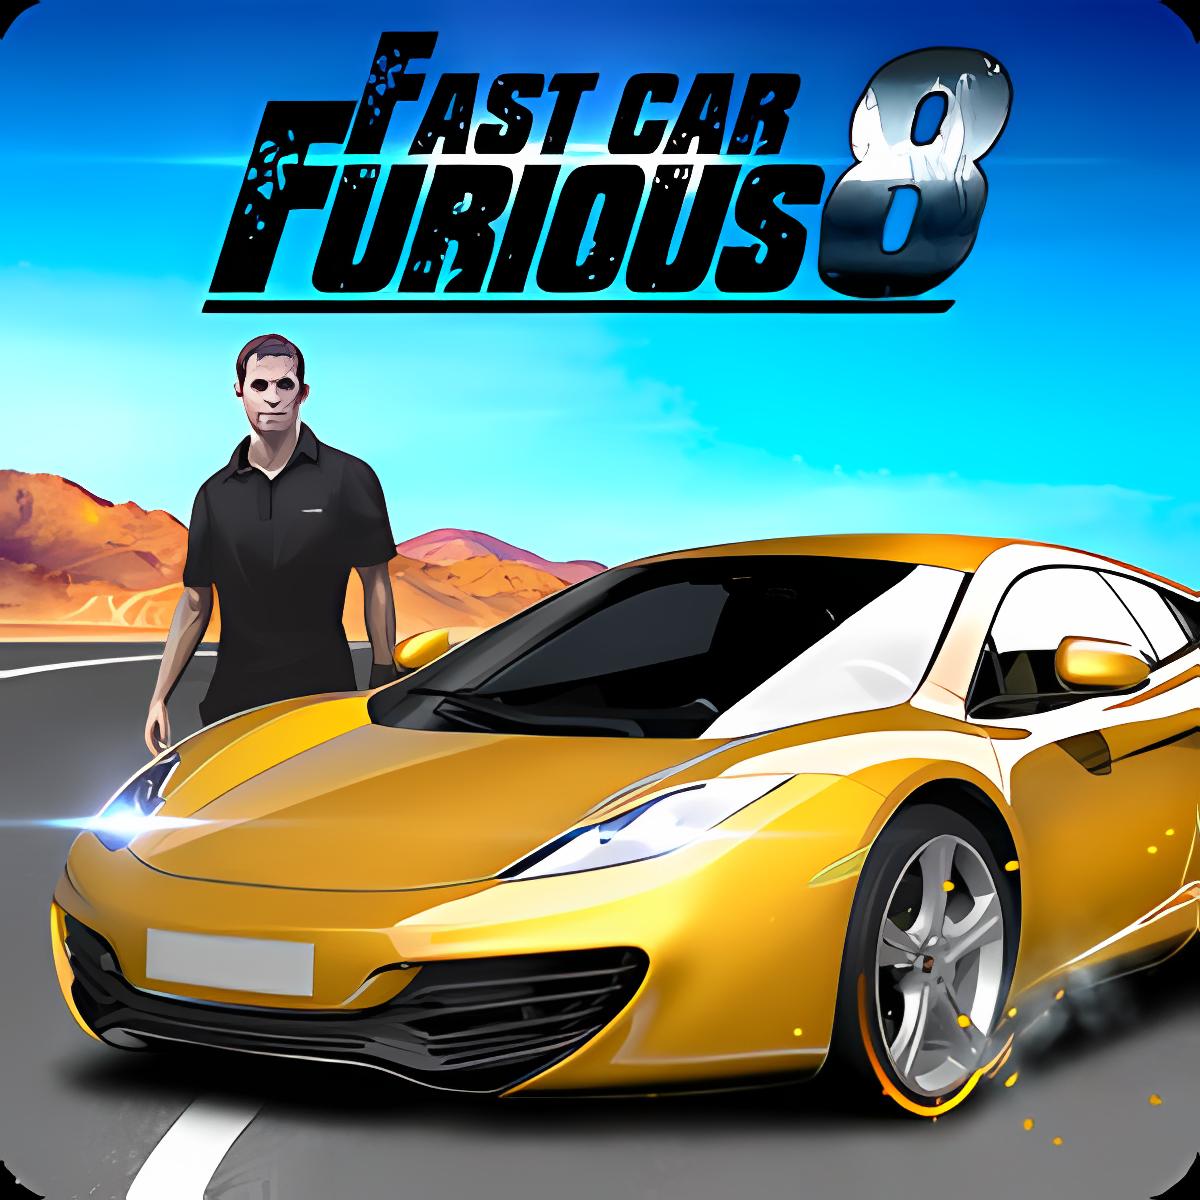 Fast Car Furious 8 1.0.0